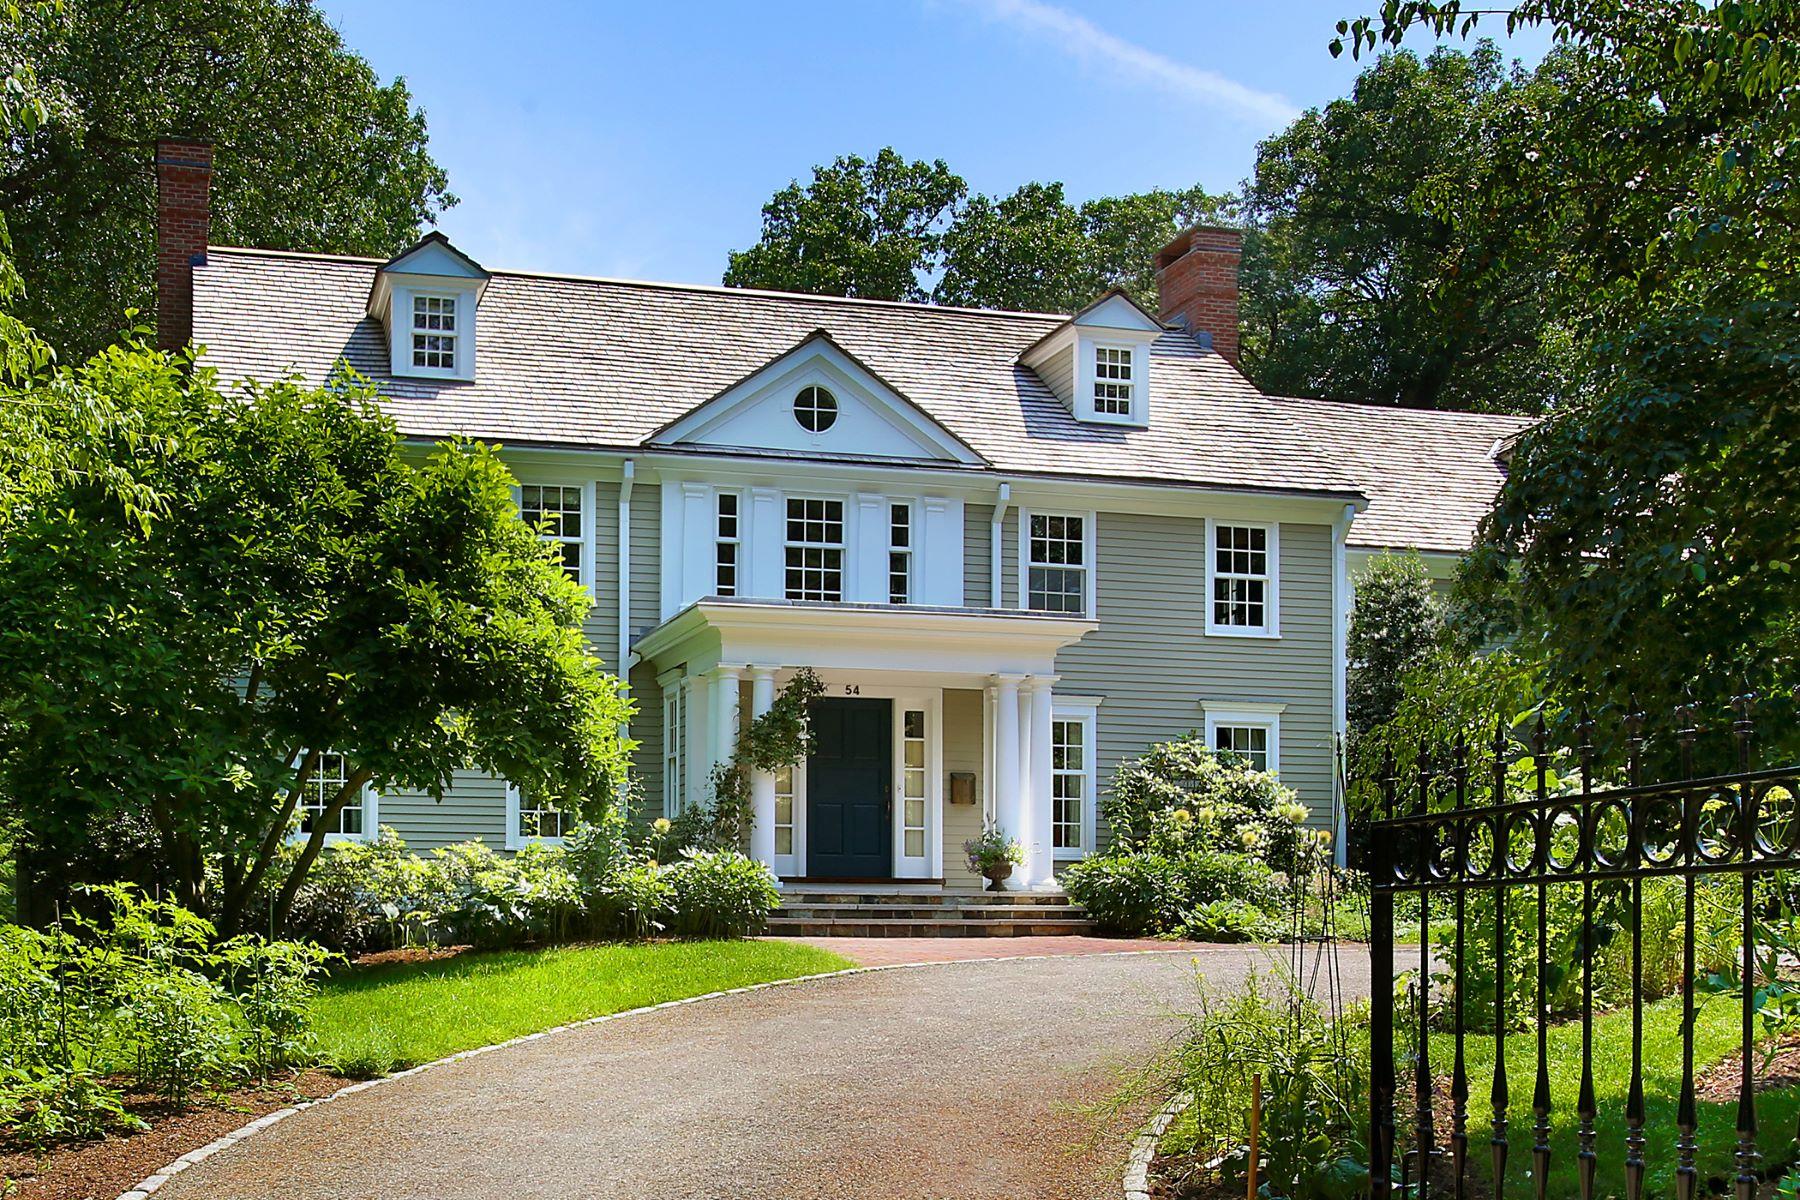 Maison unifamiliale pour l Vente à Estate Minutes from Downtown Boston 54 Myopia Rd Winchester, Massachusetts, 01890 États-Unis